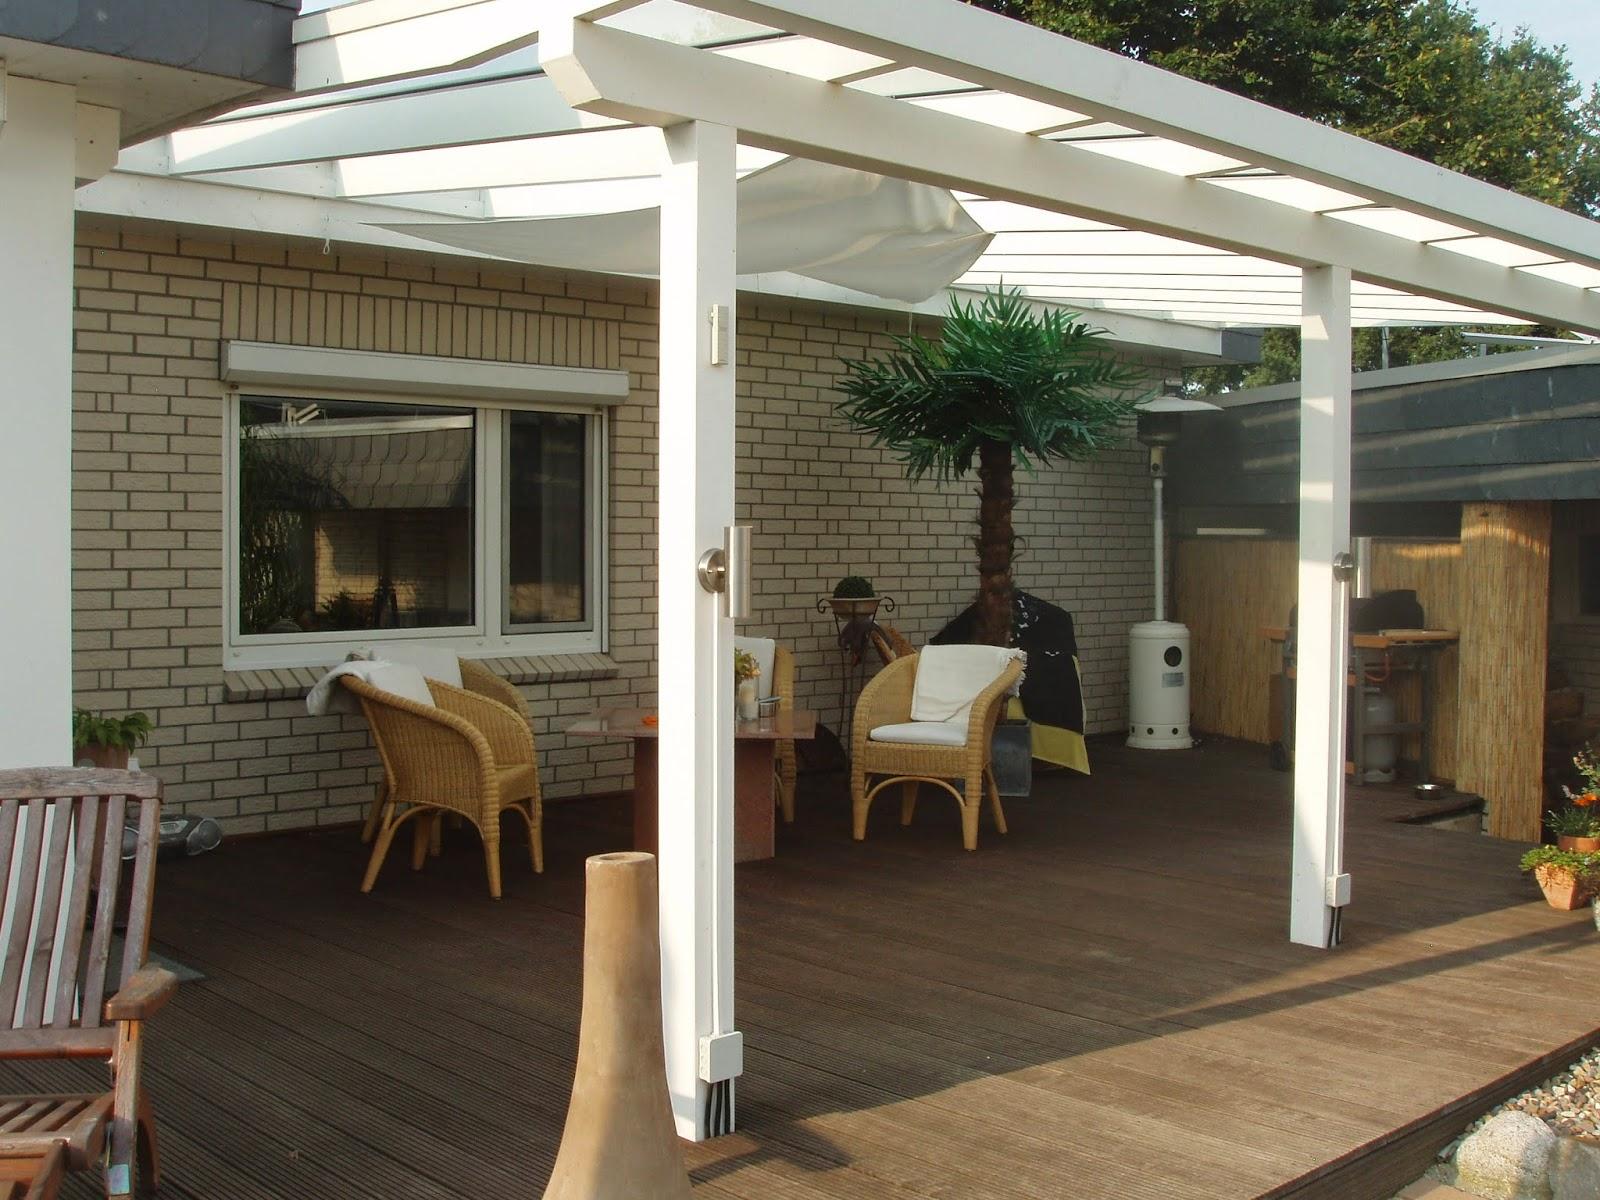 terrassen berdachungen mit glasdach w rmed mmung. Black Bedroom Furniture Sets. Home Design Ideas